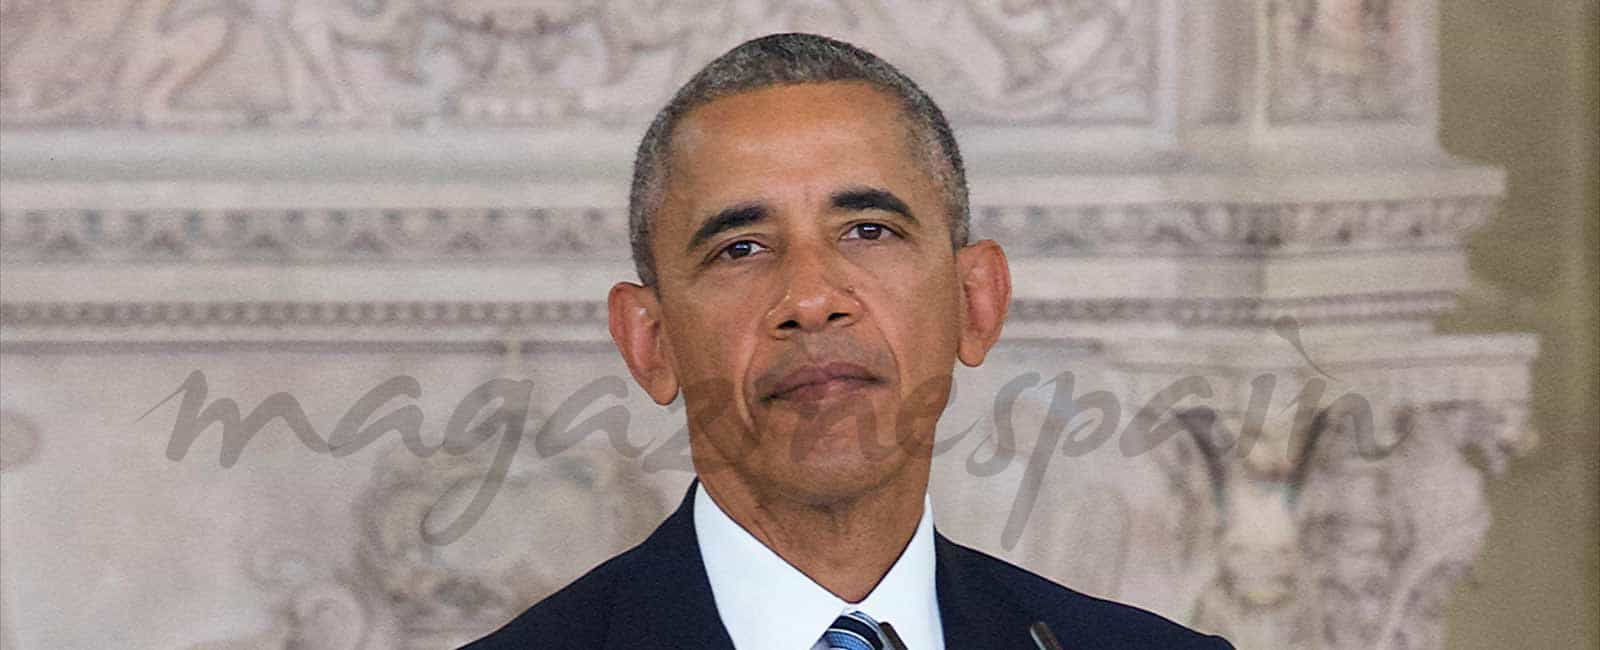 Barak Obama en España